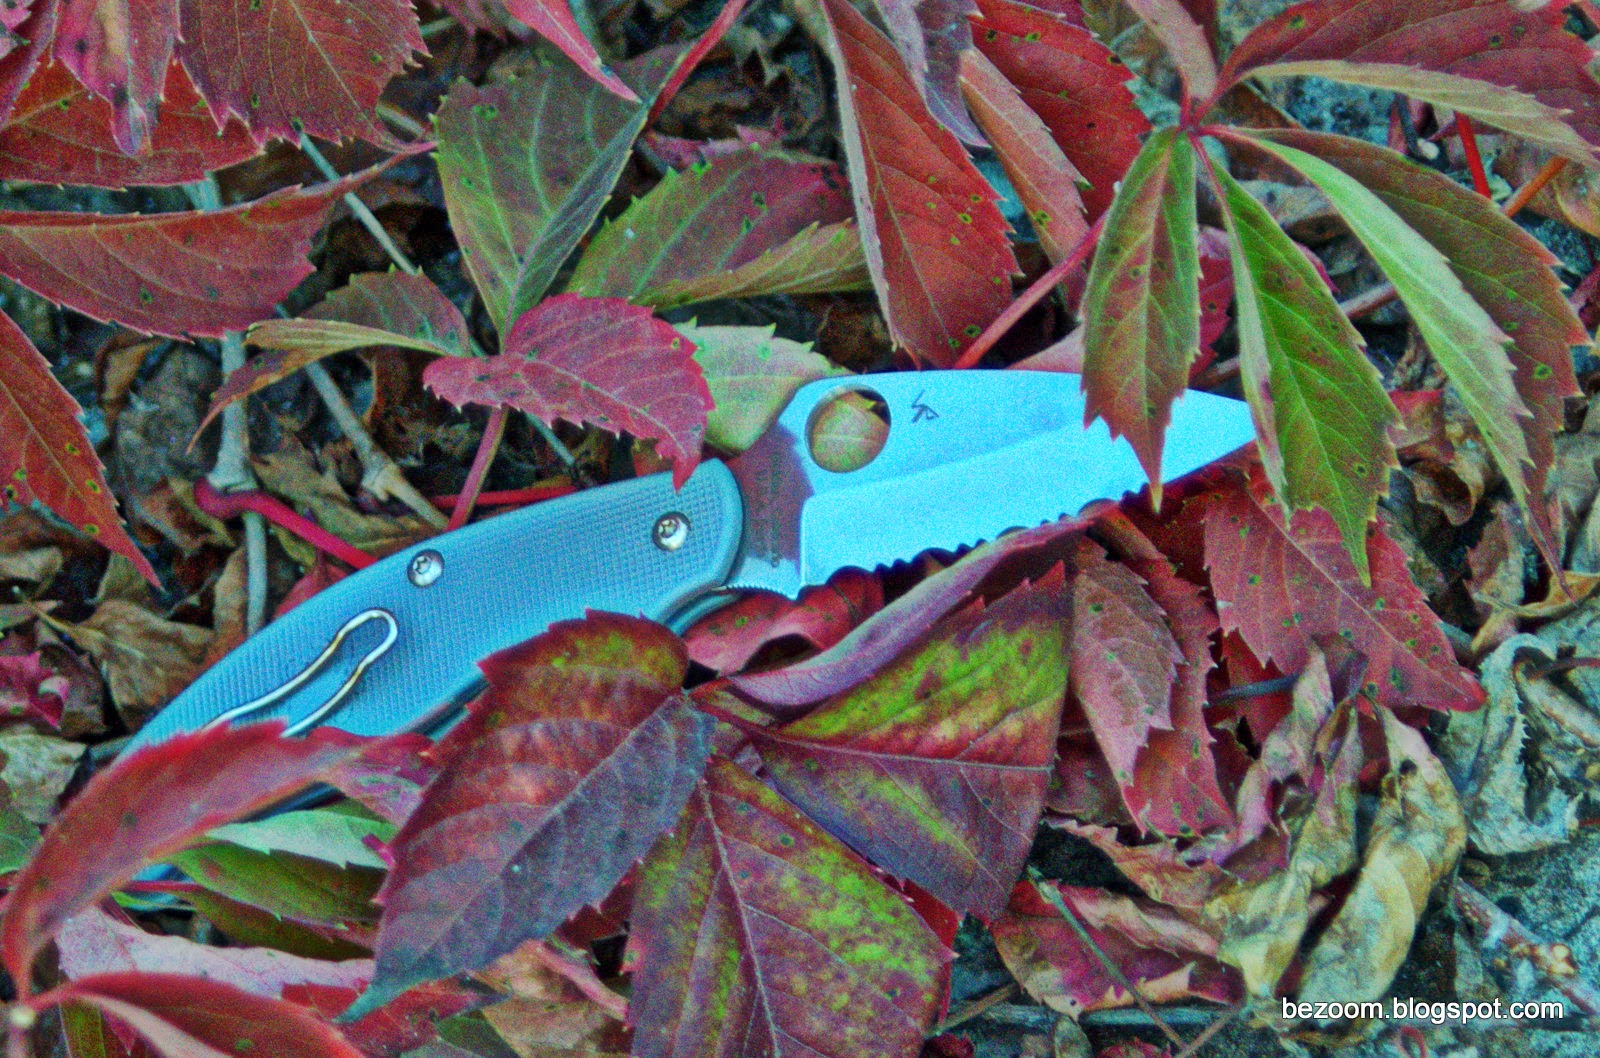 Spyderco UK Penknife